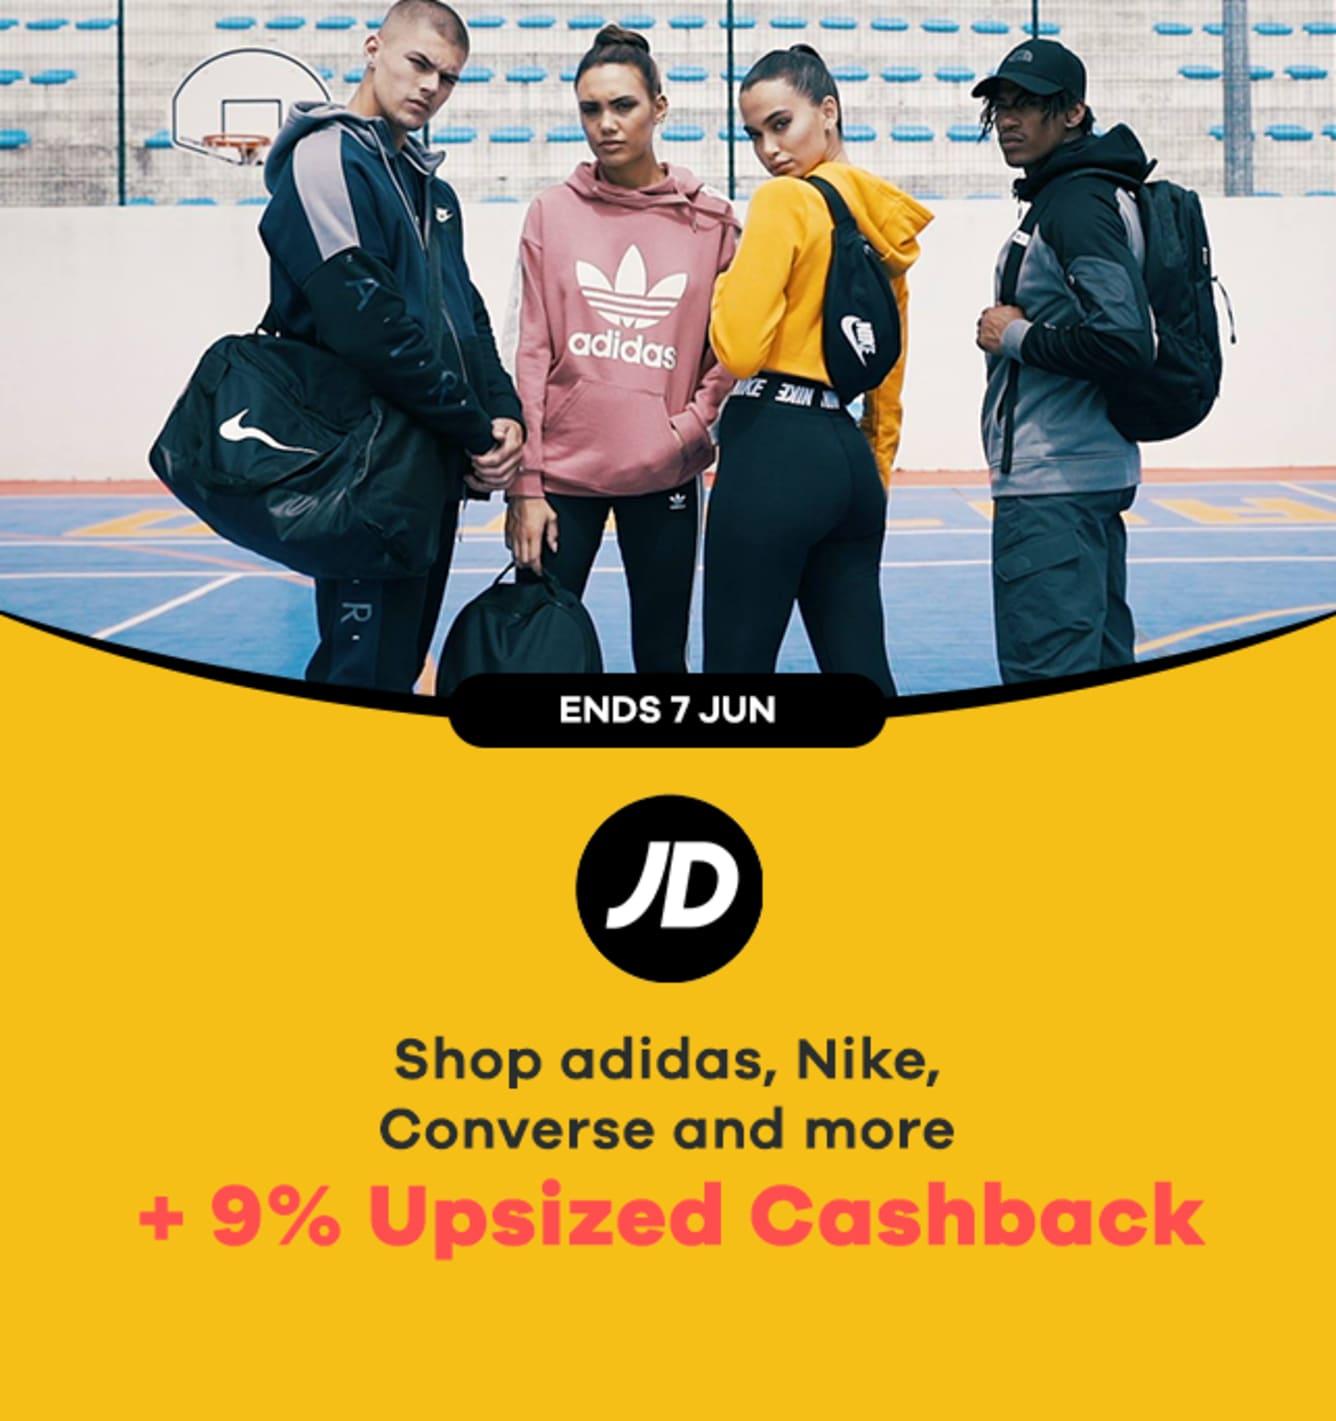 JD Sports: 9% Upsized Cashback